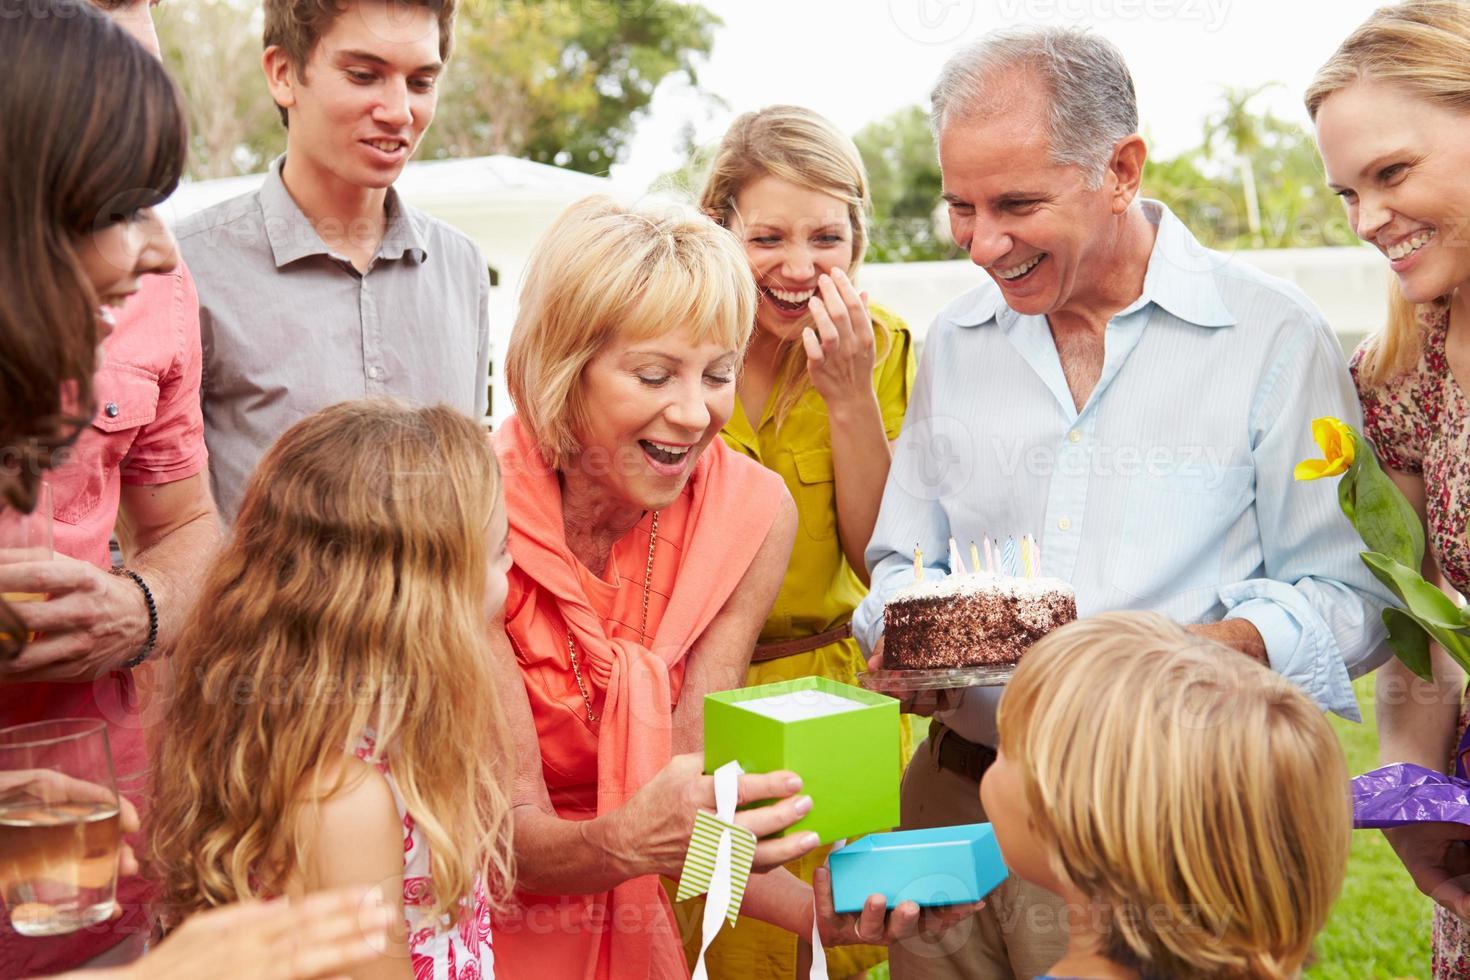 famiglia di diverse generazioni che celebra il compleanno in giardino foto